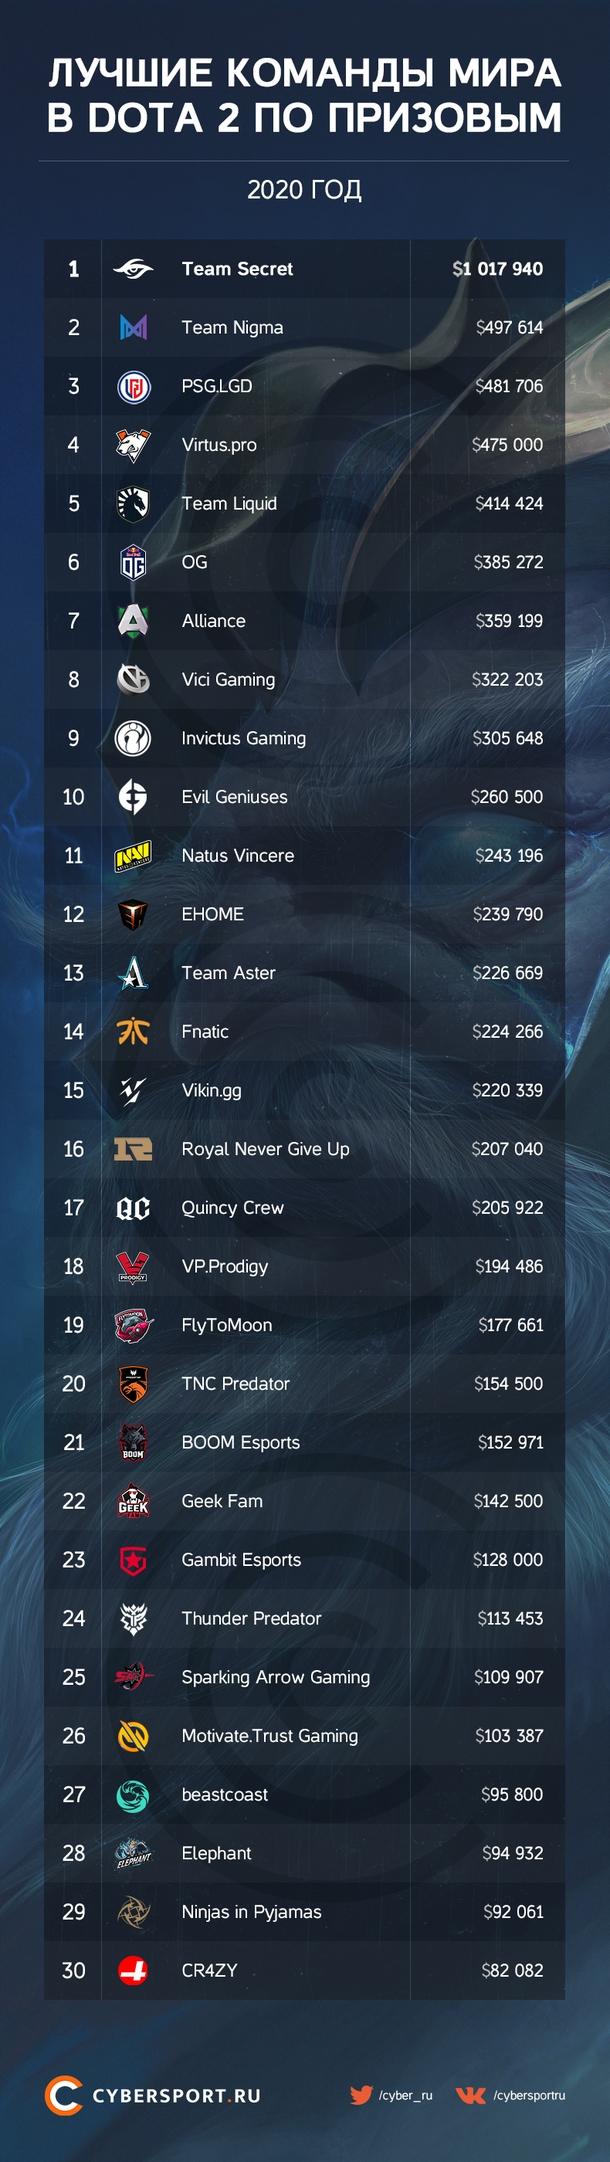 Мировой рейтинг команд по количеству выигранных призовых